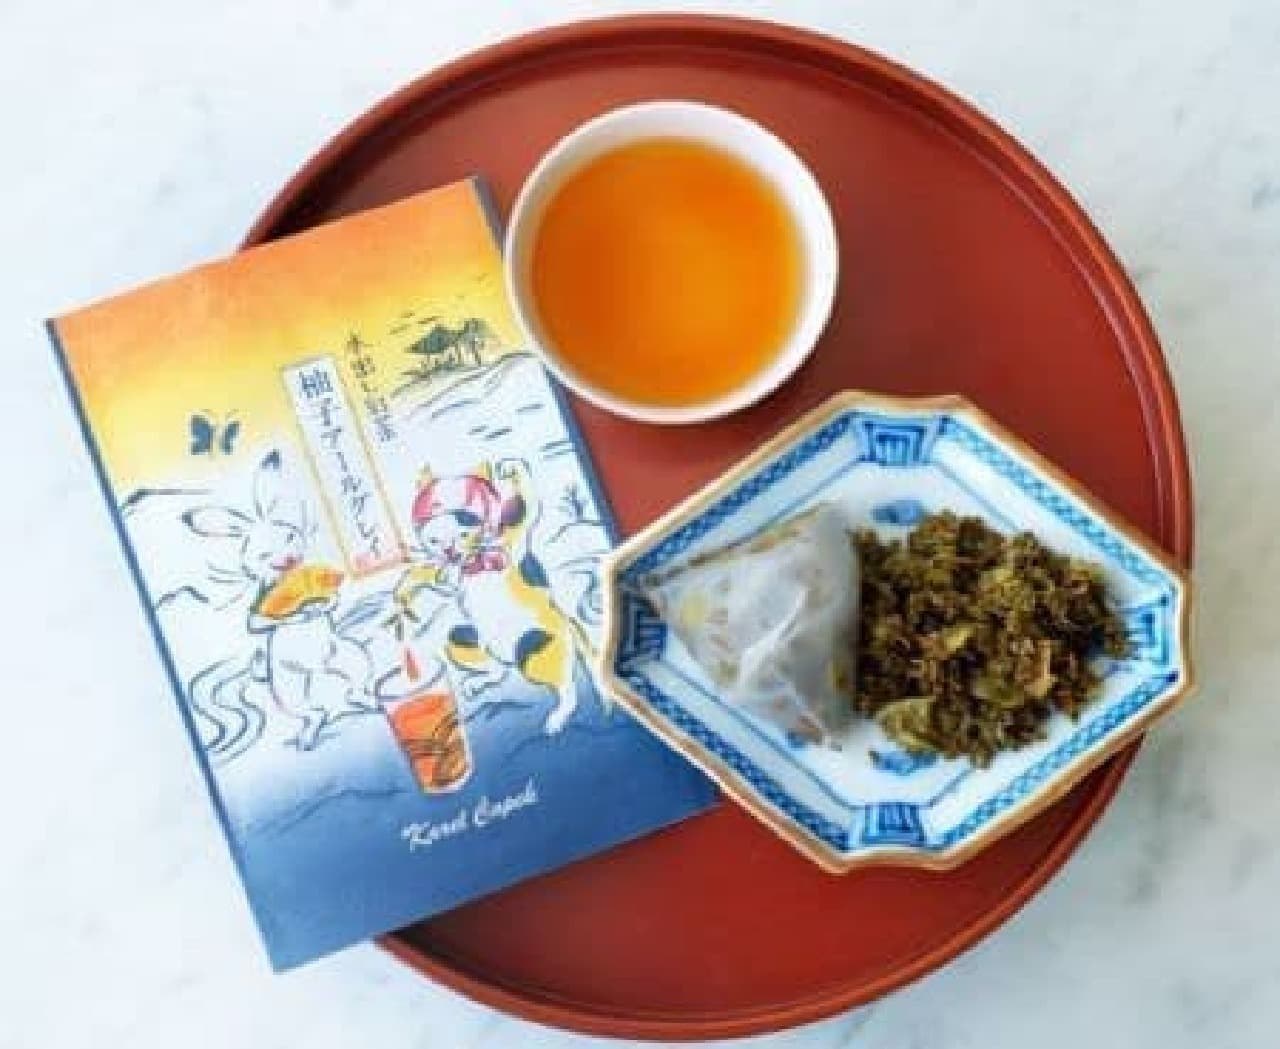 和の水出しは、パッケージに和風イラストが描かれた水出し紅茶